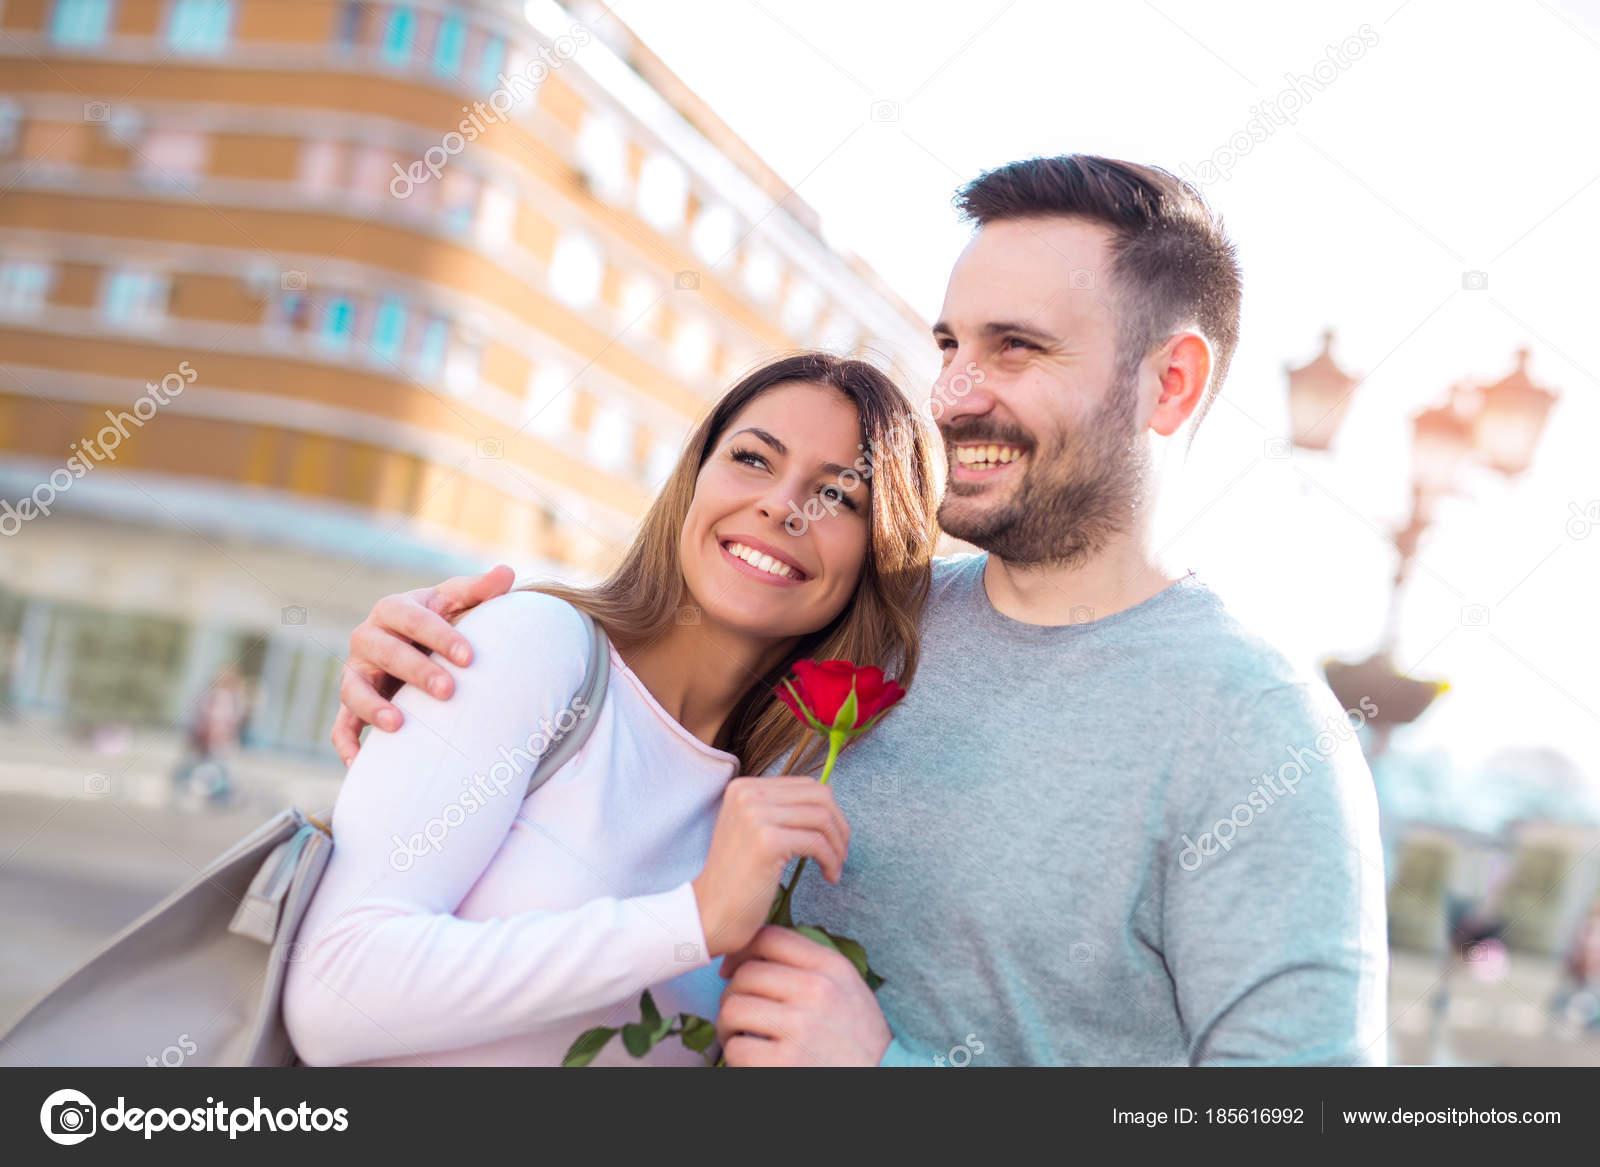 vågen man dating en skytten kvinna